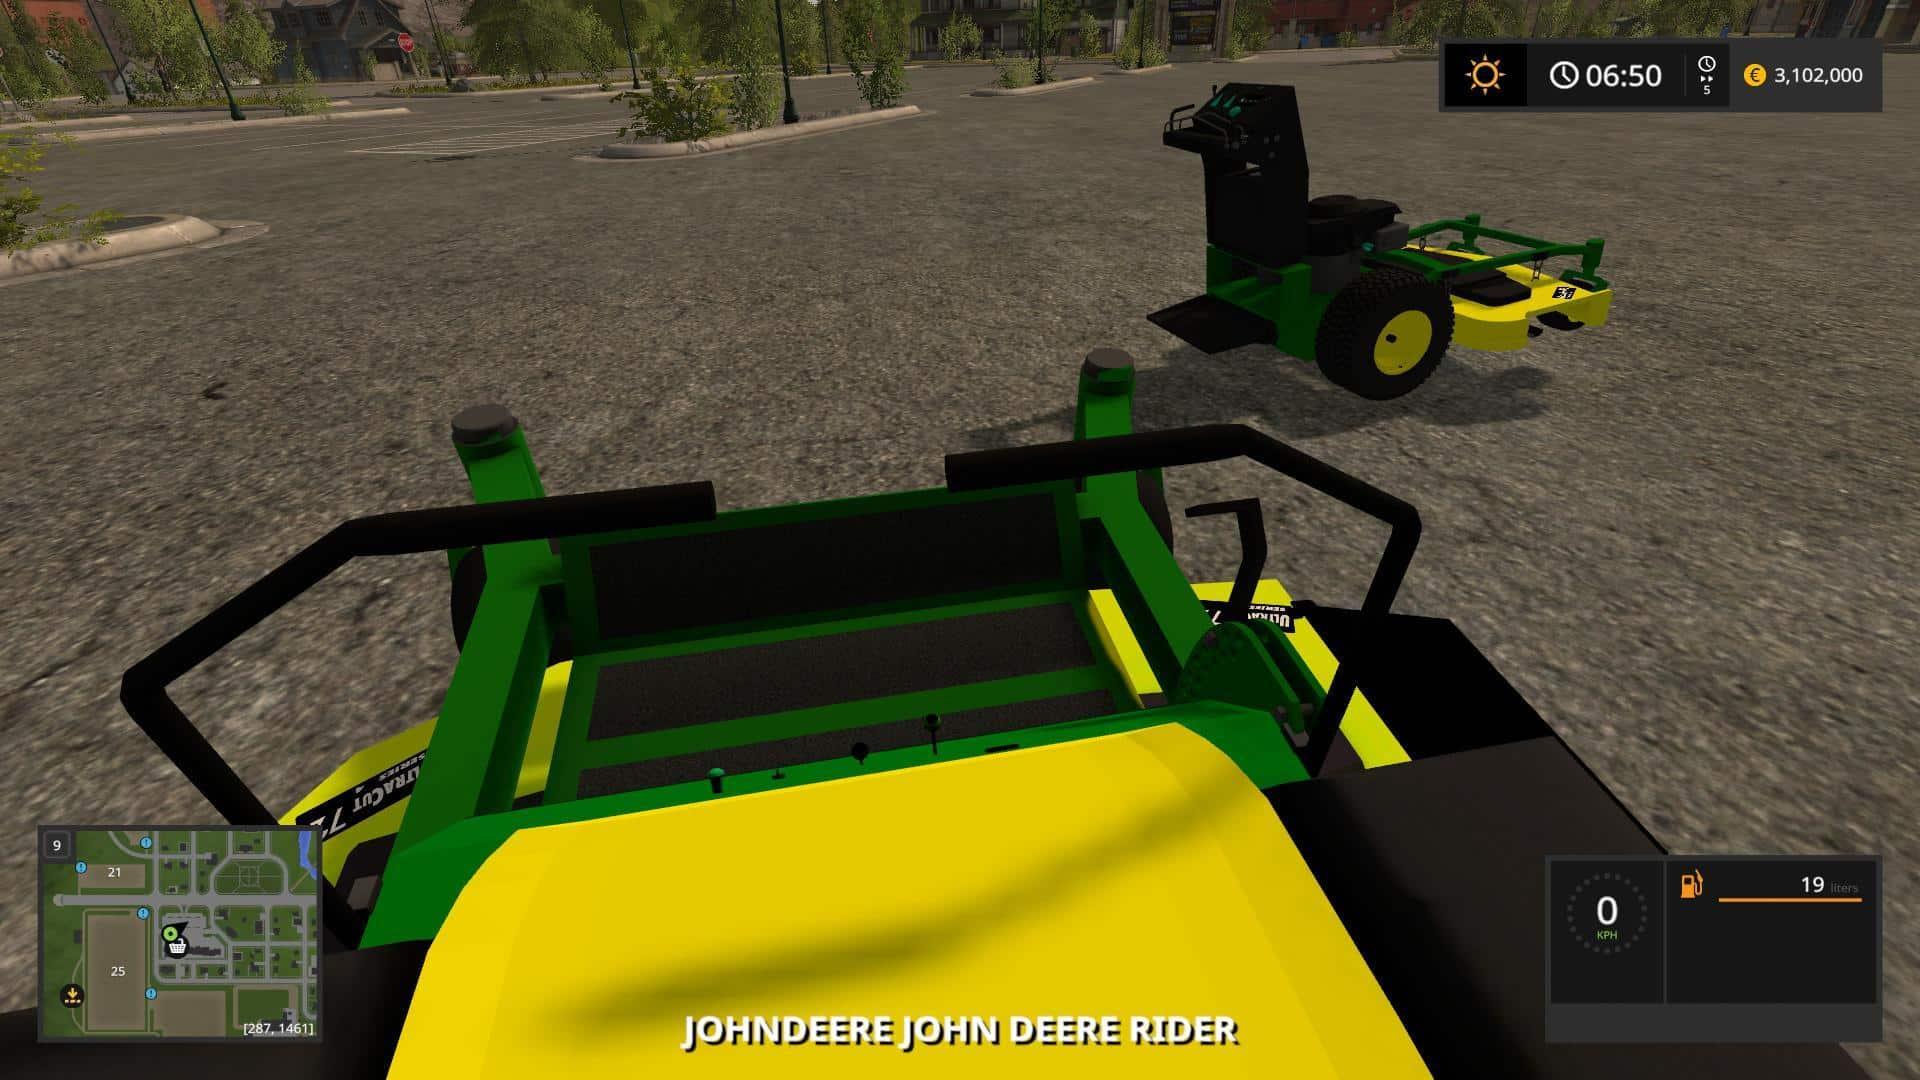 John Deere Zero turn Converted from FS15 to FS17 v1.3